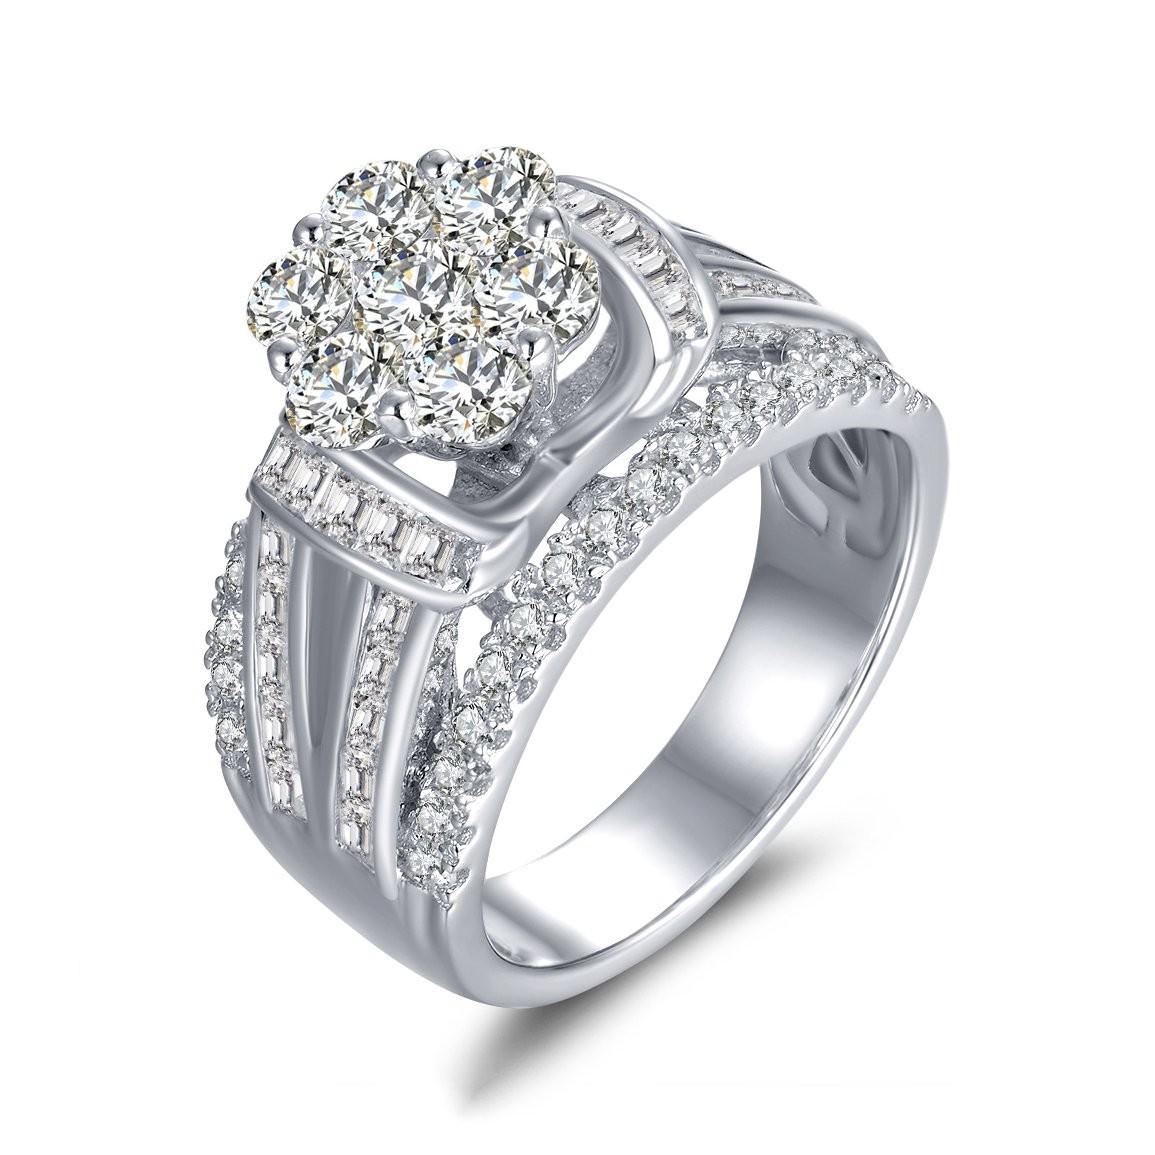 Fullsize Of Diamond Rings For Women